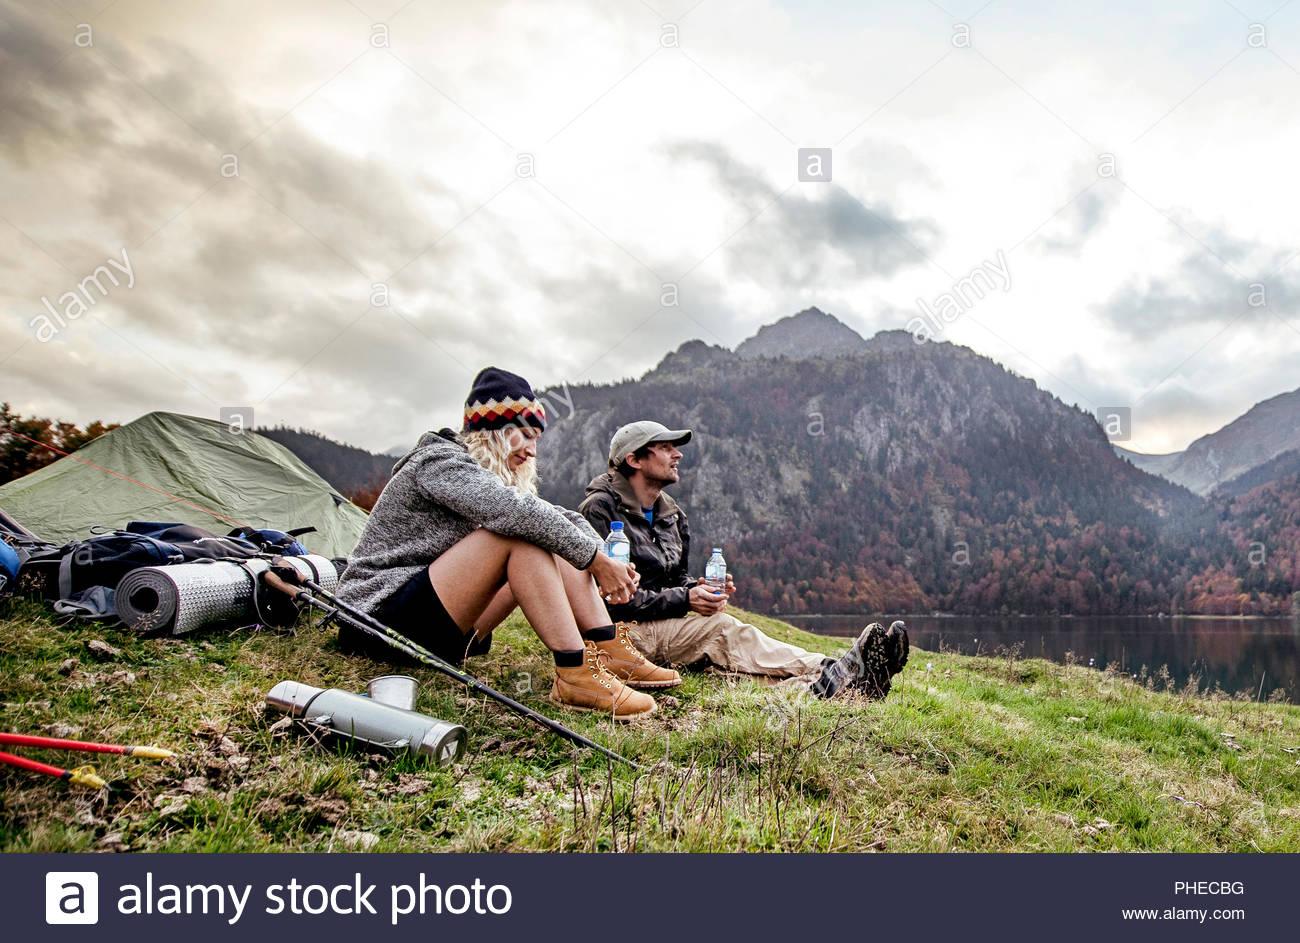 Pareja joven descansando en el campamento al lado de las montañas Imagen De Stock